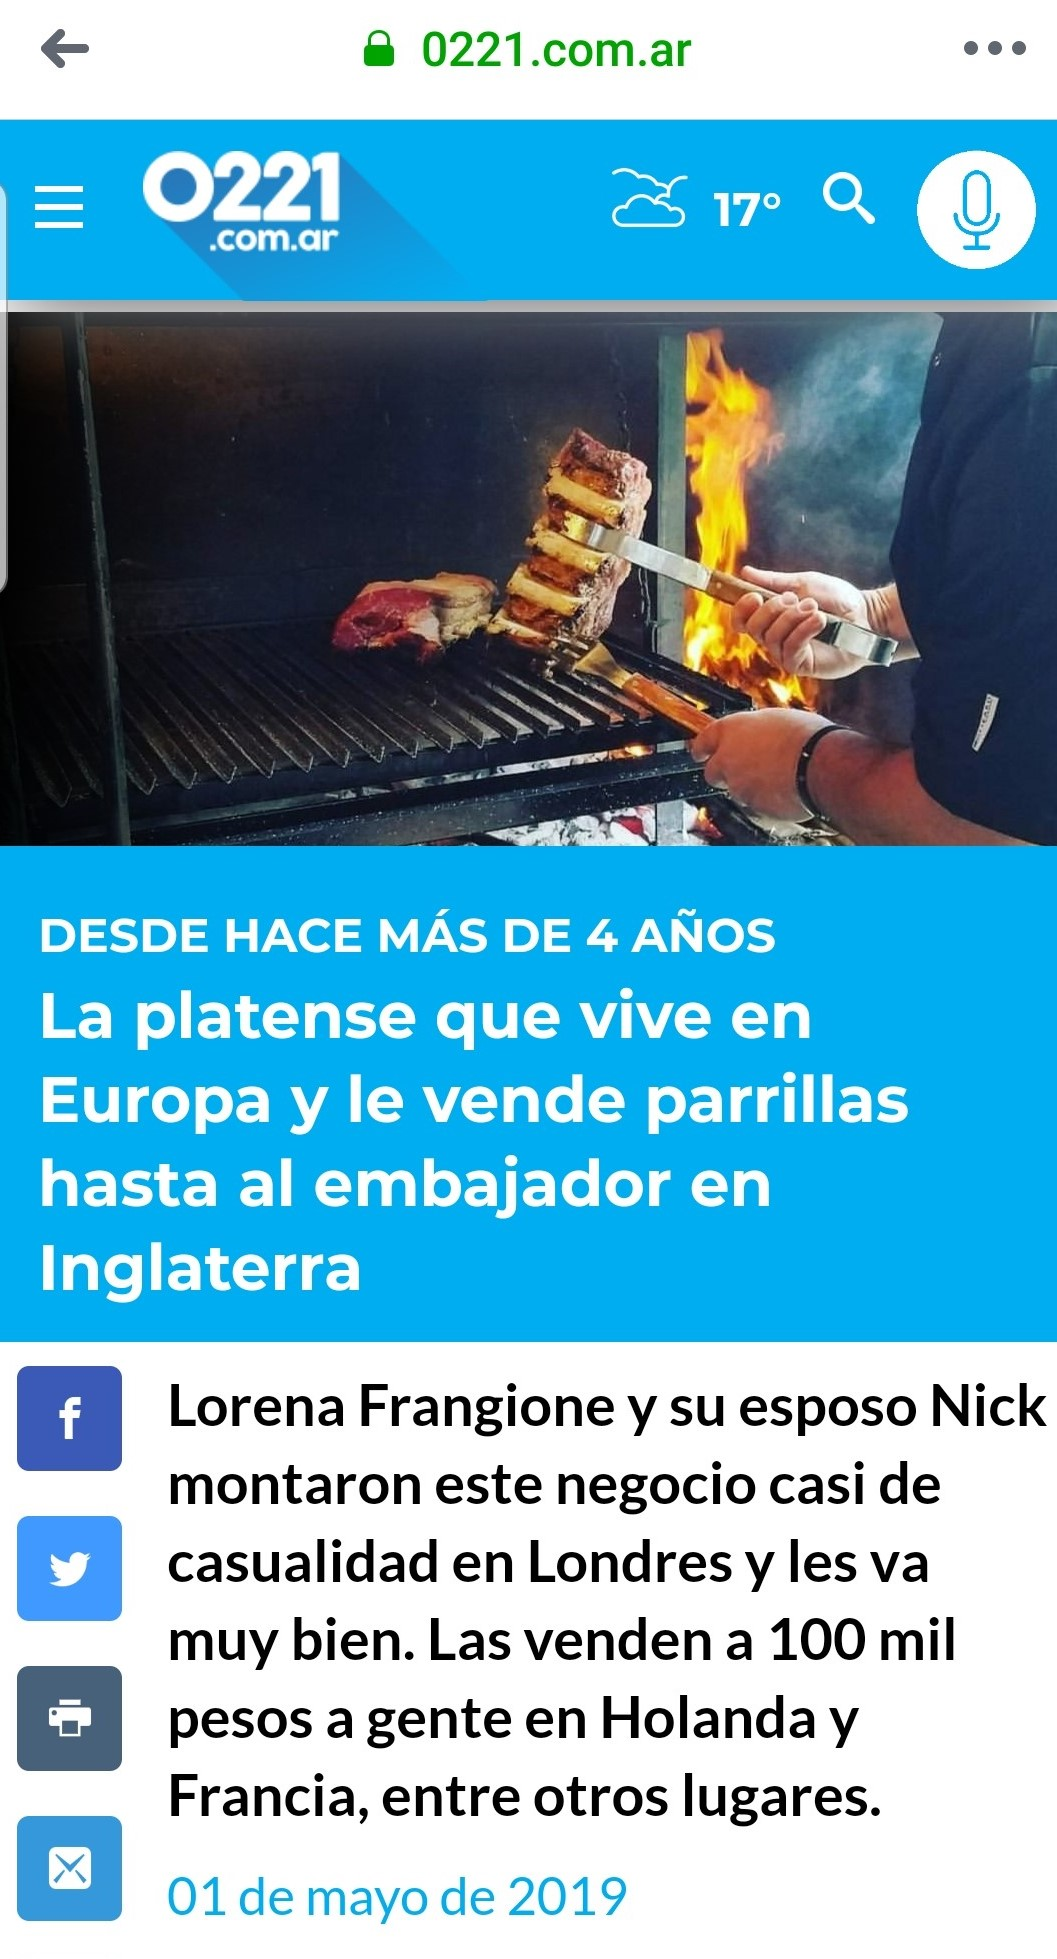 La Plata 0221.com Argentina May 2019 - https://www.0221.com.ar/nota/2019-5-1-7-56-0-lorena-frangione-la-platense-que-vive-en-europa-y-le-vende-parrillas-hasta-al-embajador-argentino-en-inglaterra